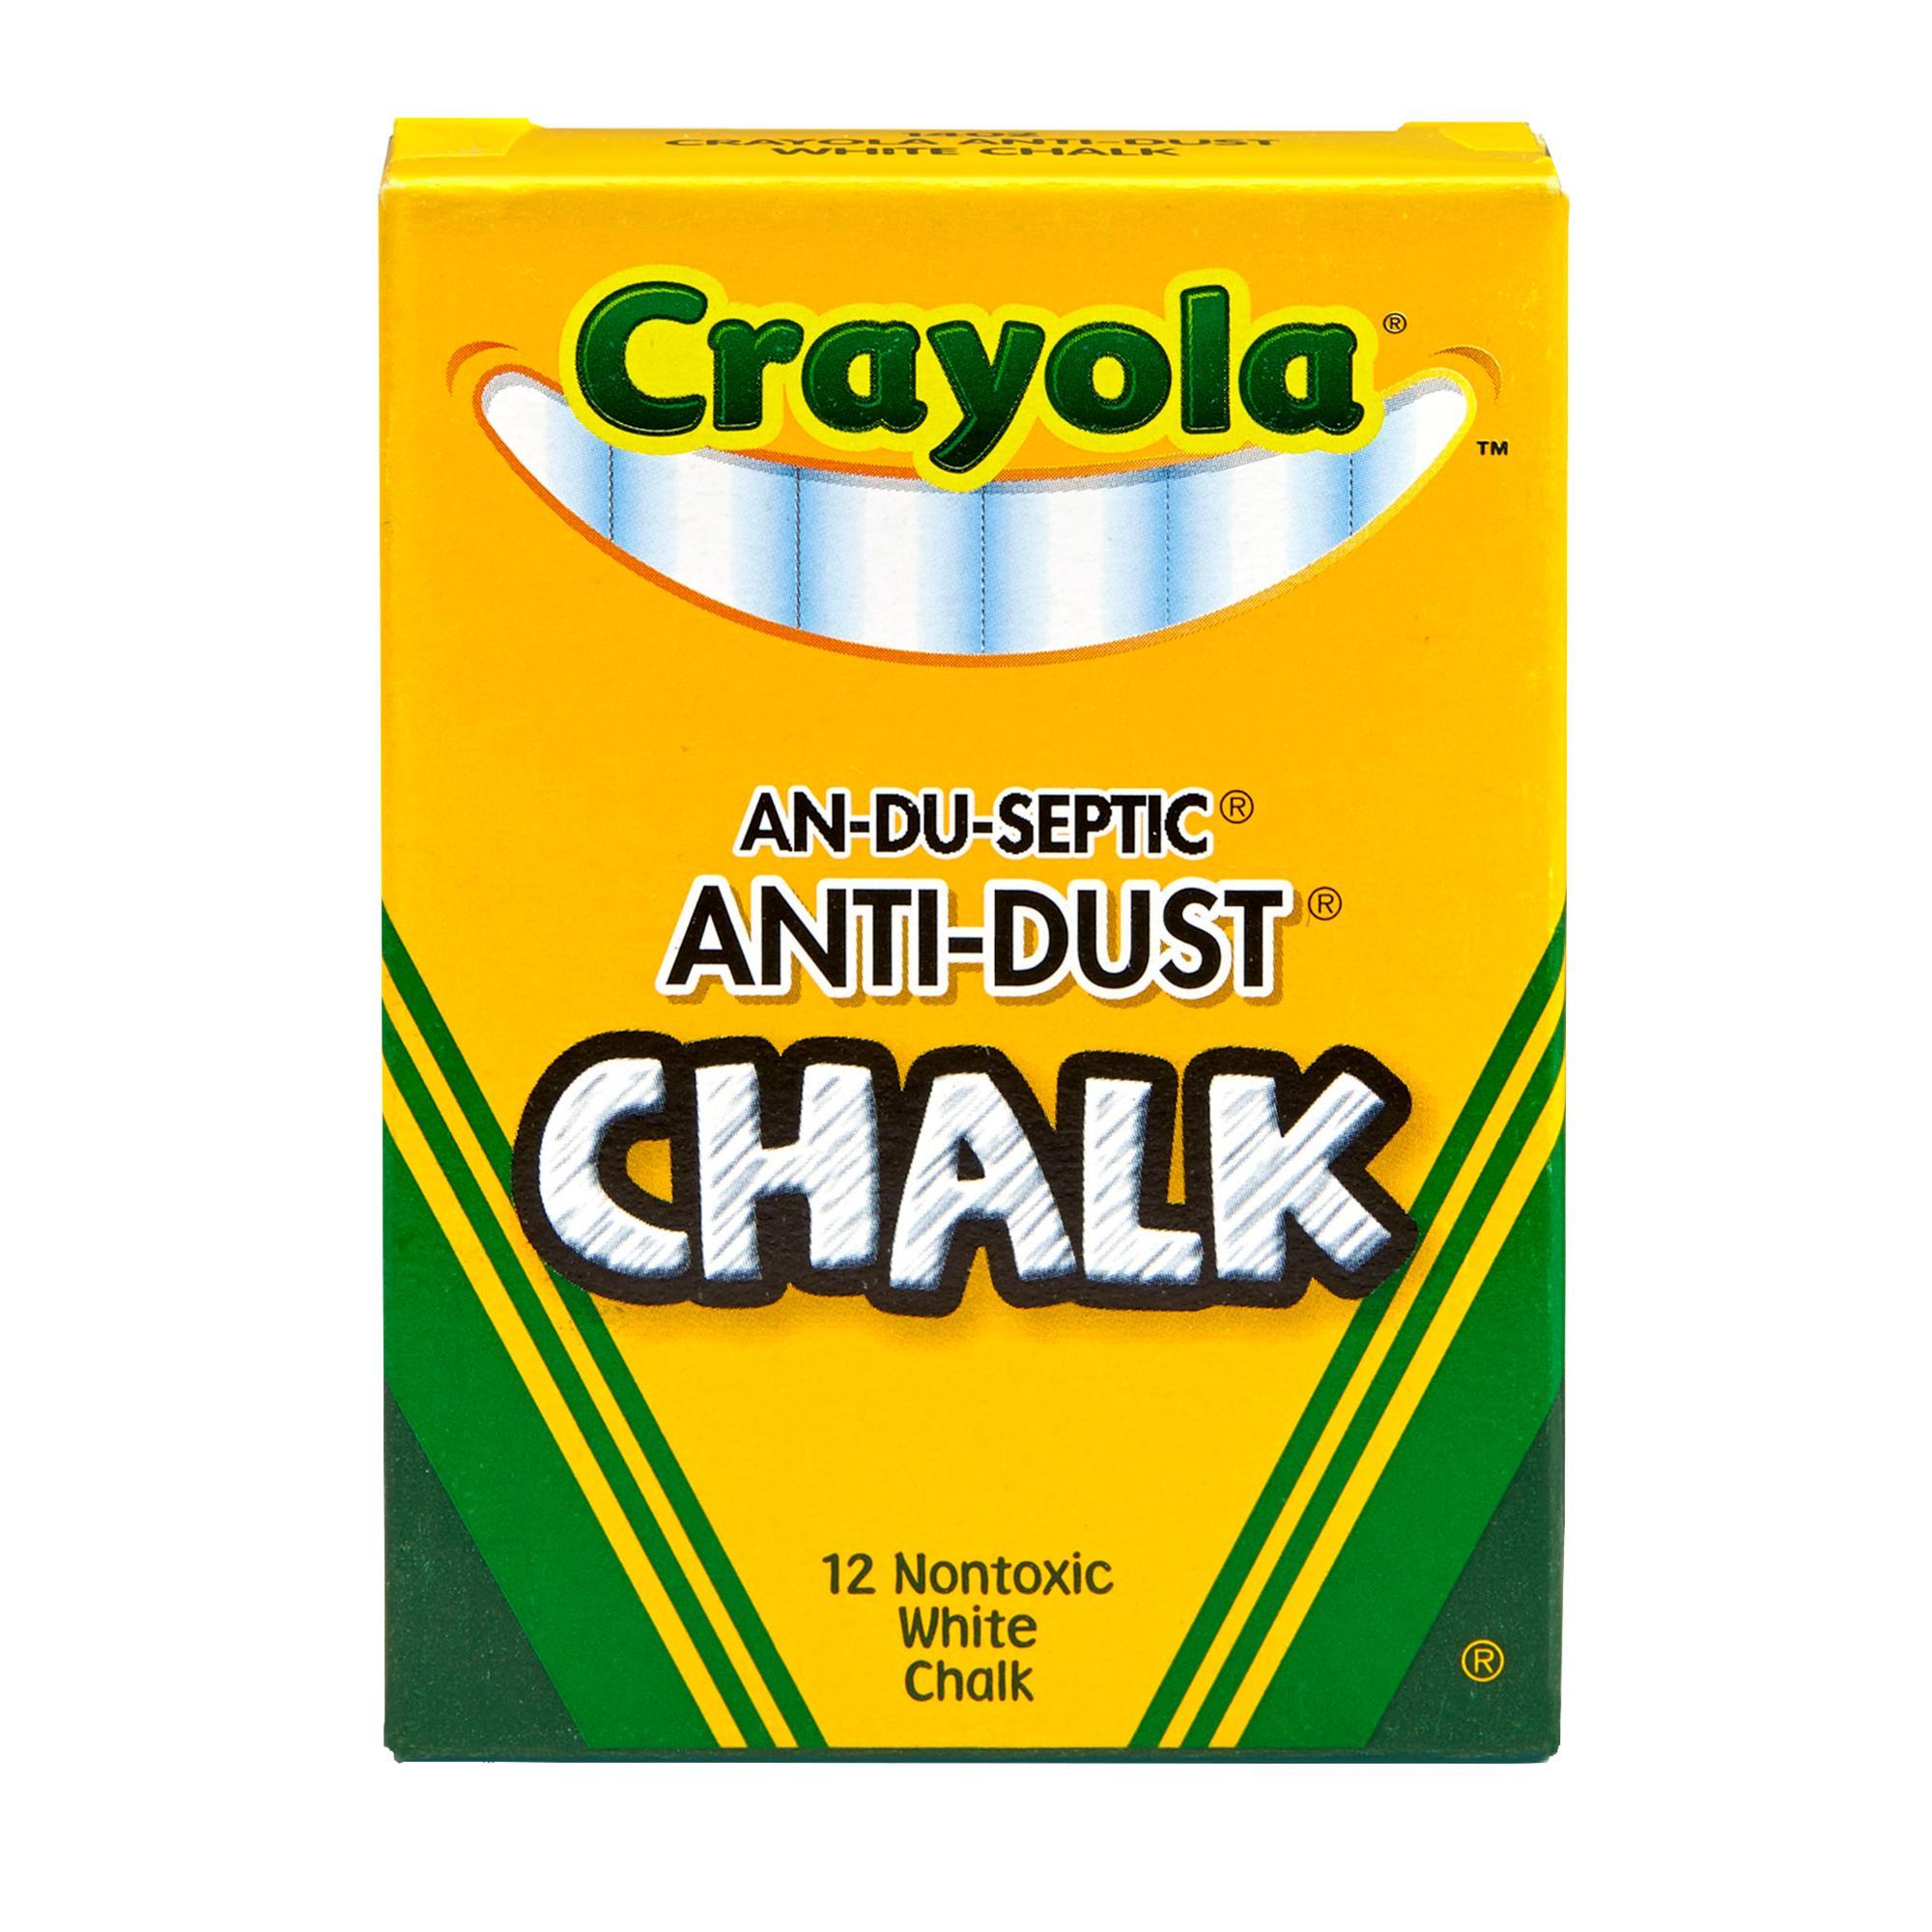 image of: Crayola White Anti-Dust Chalk